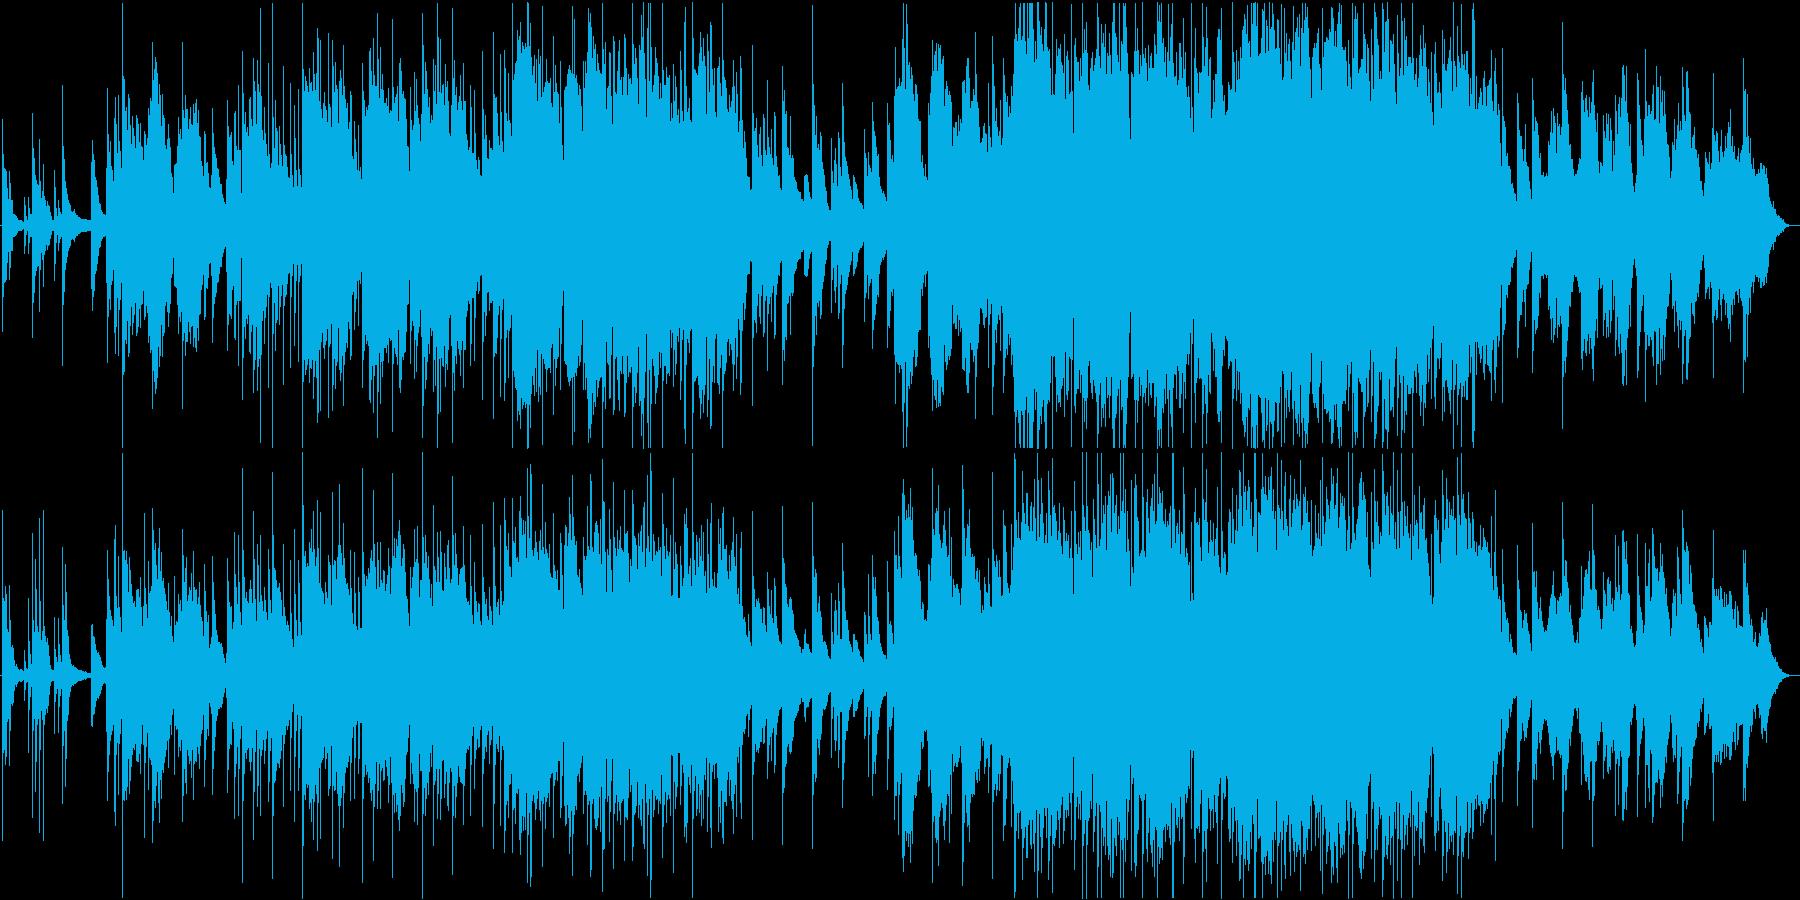 二胡と揚琴のしっとりした楽曲の再生済みの波形